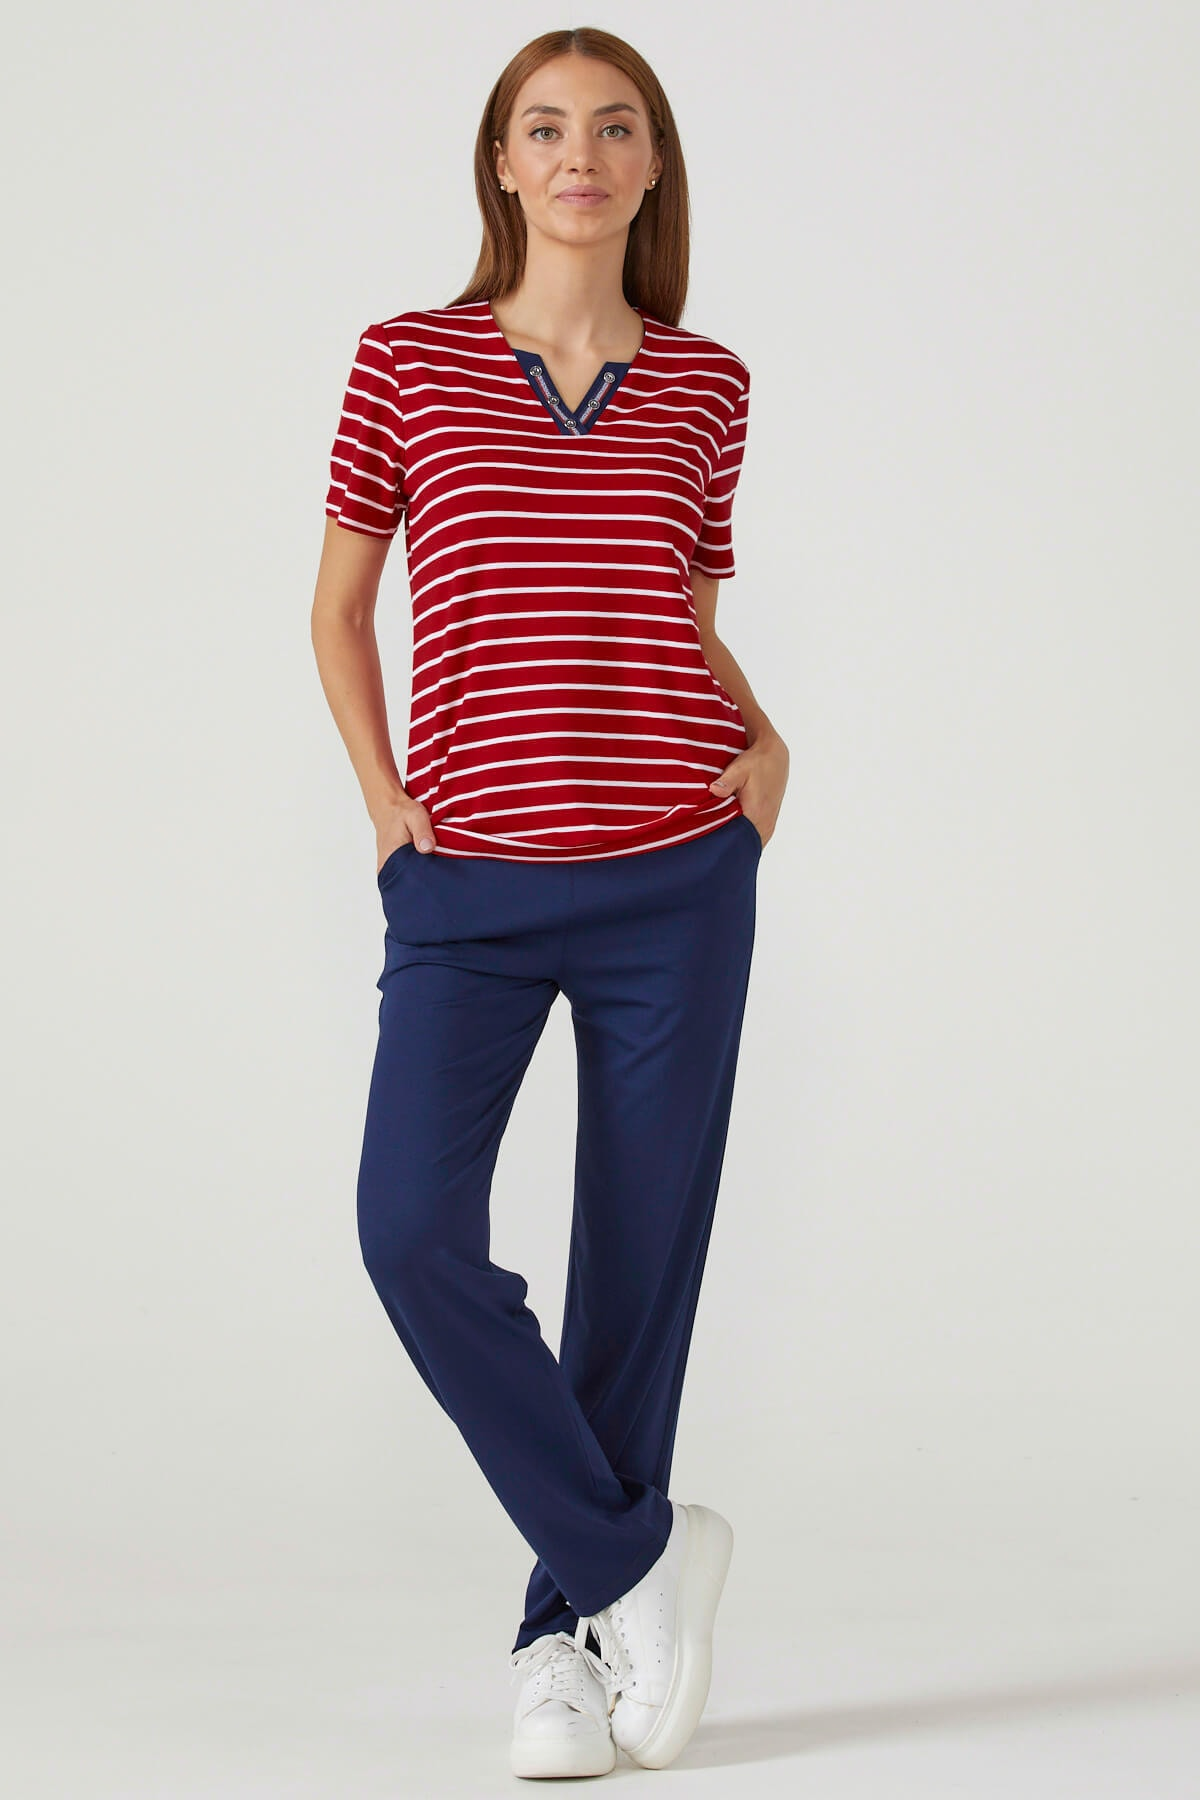 Kadın Kısa Kol Pijama Takım - Kırmızı - Lacivert